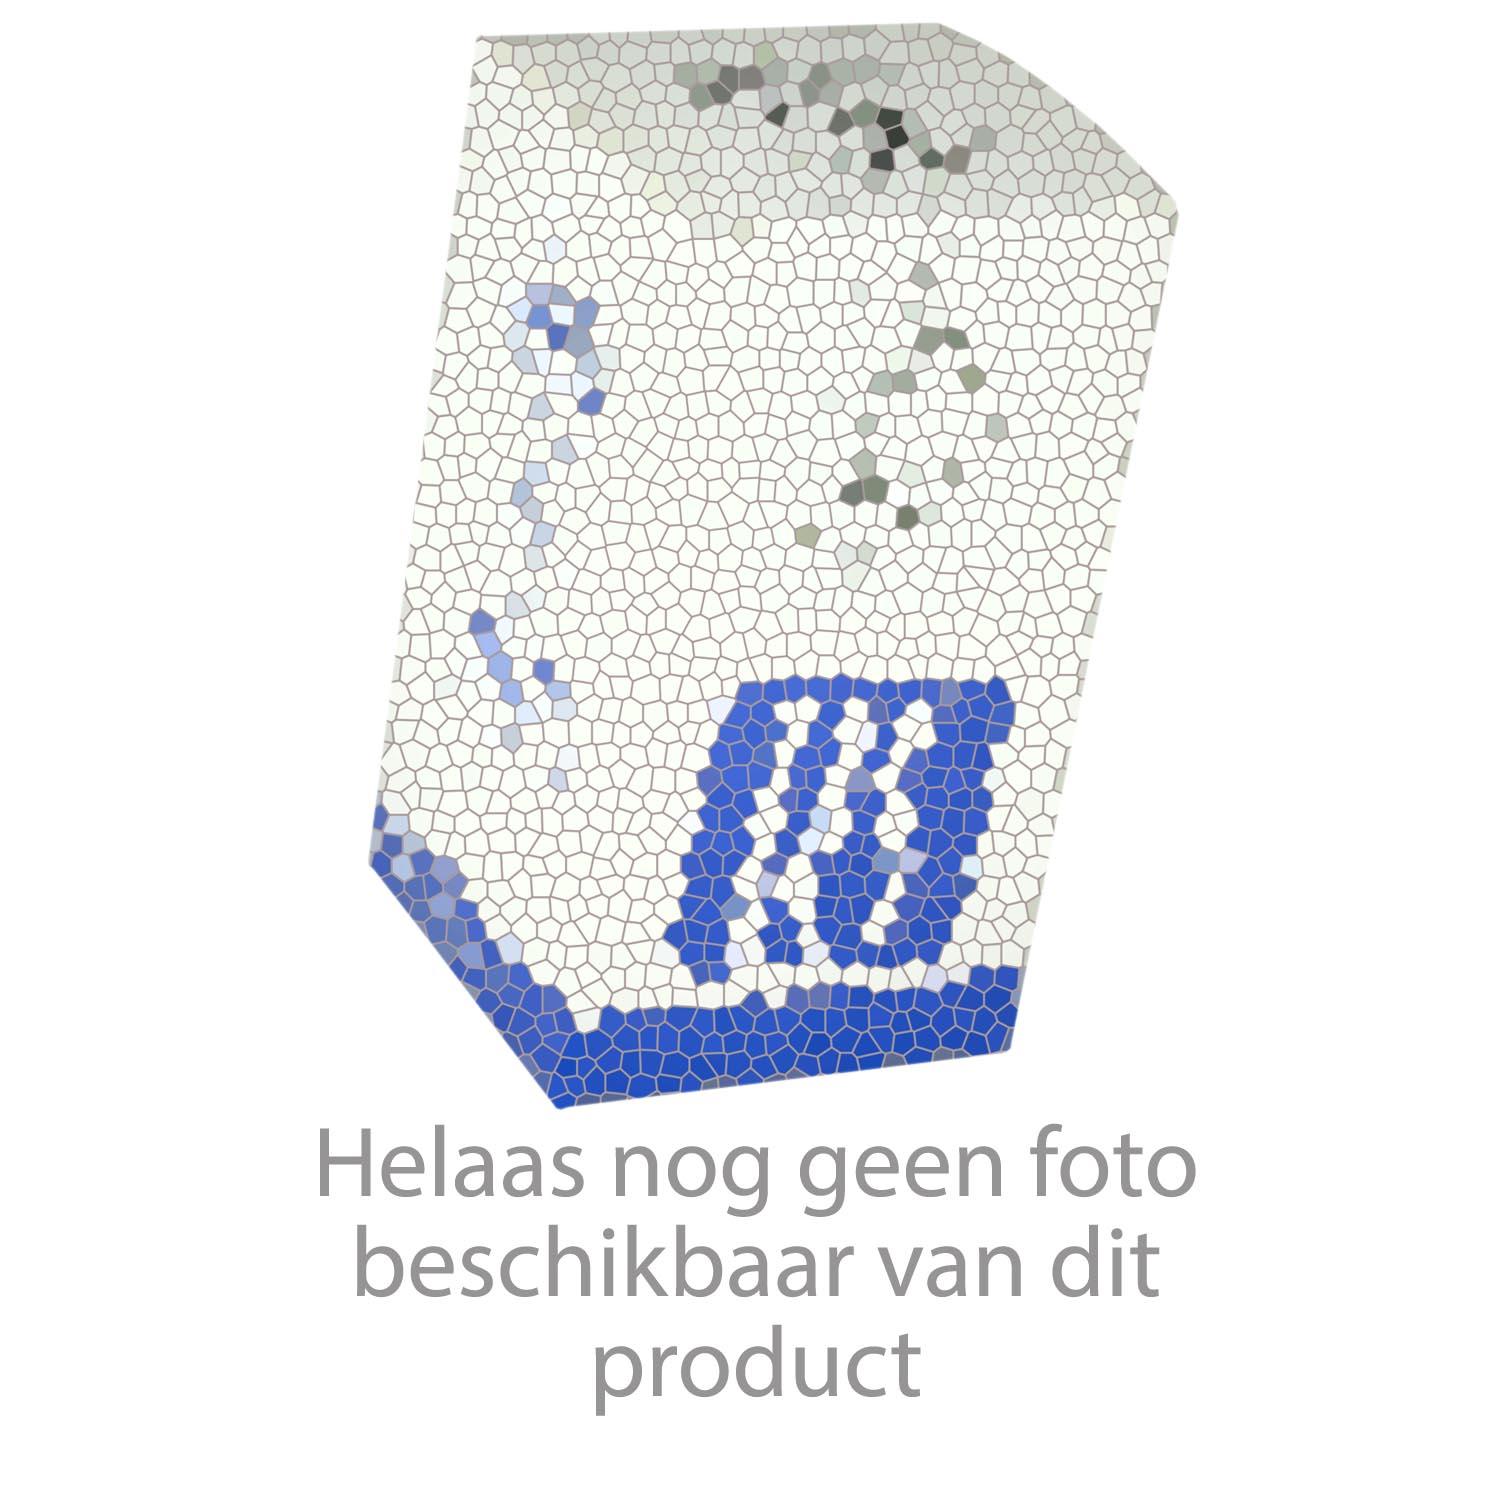 Inbouwthermostaatkraan met 2-weg omstel, naar handdouche met houder en hoofddouche, Geborsteld RVS